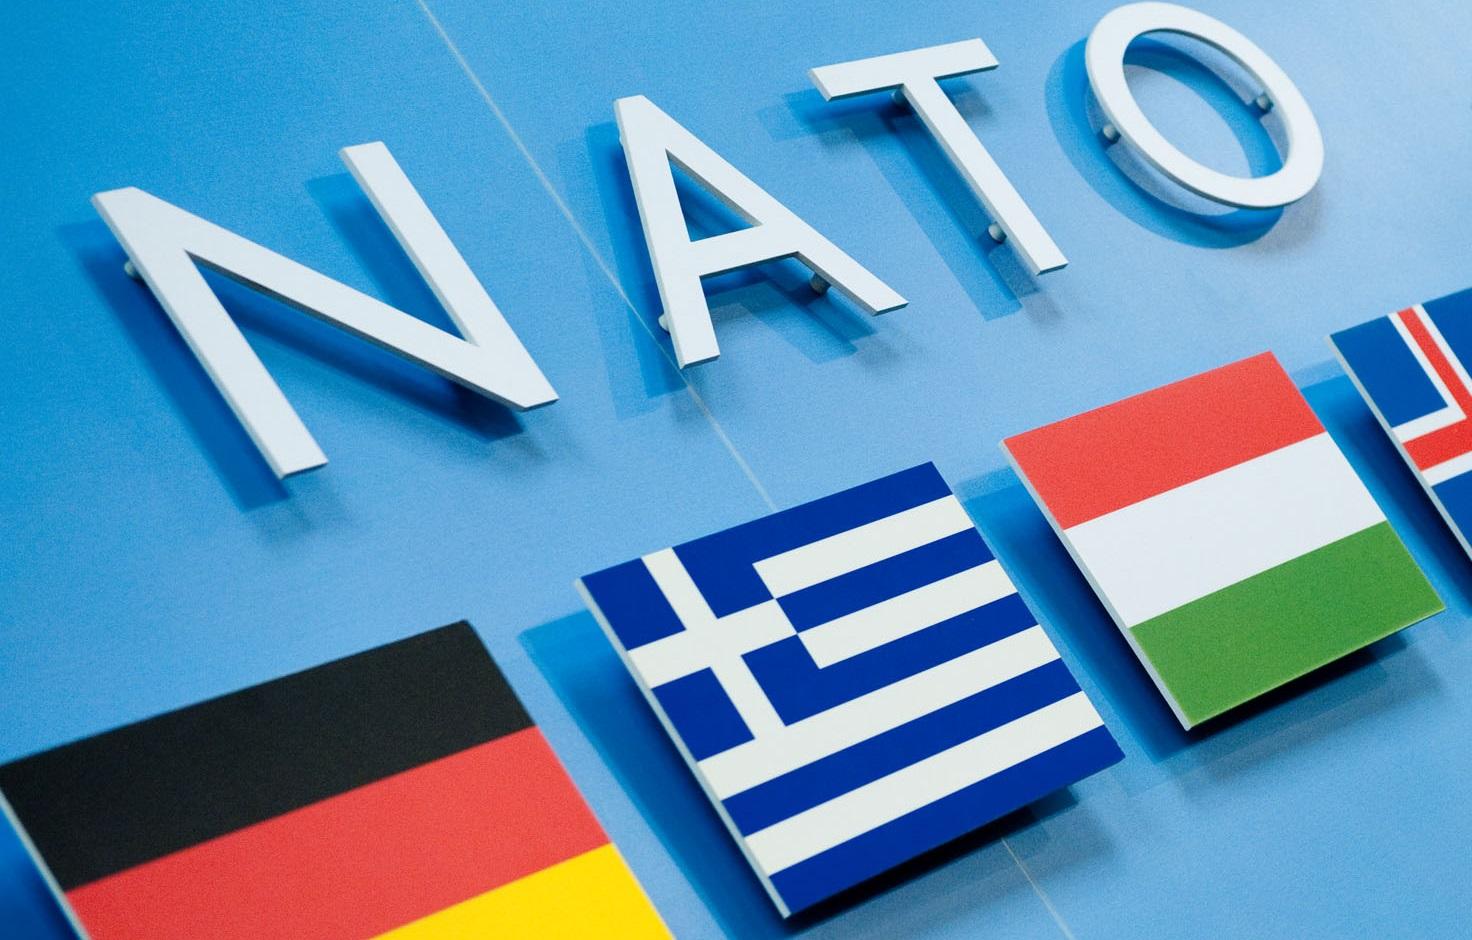 НАТО планує провести 7 військових навчань у країнах Балтії та Східної Європи цього року.